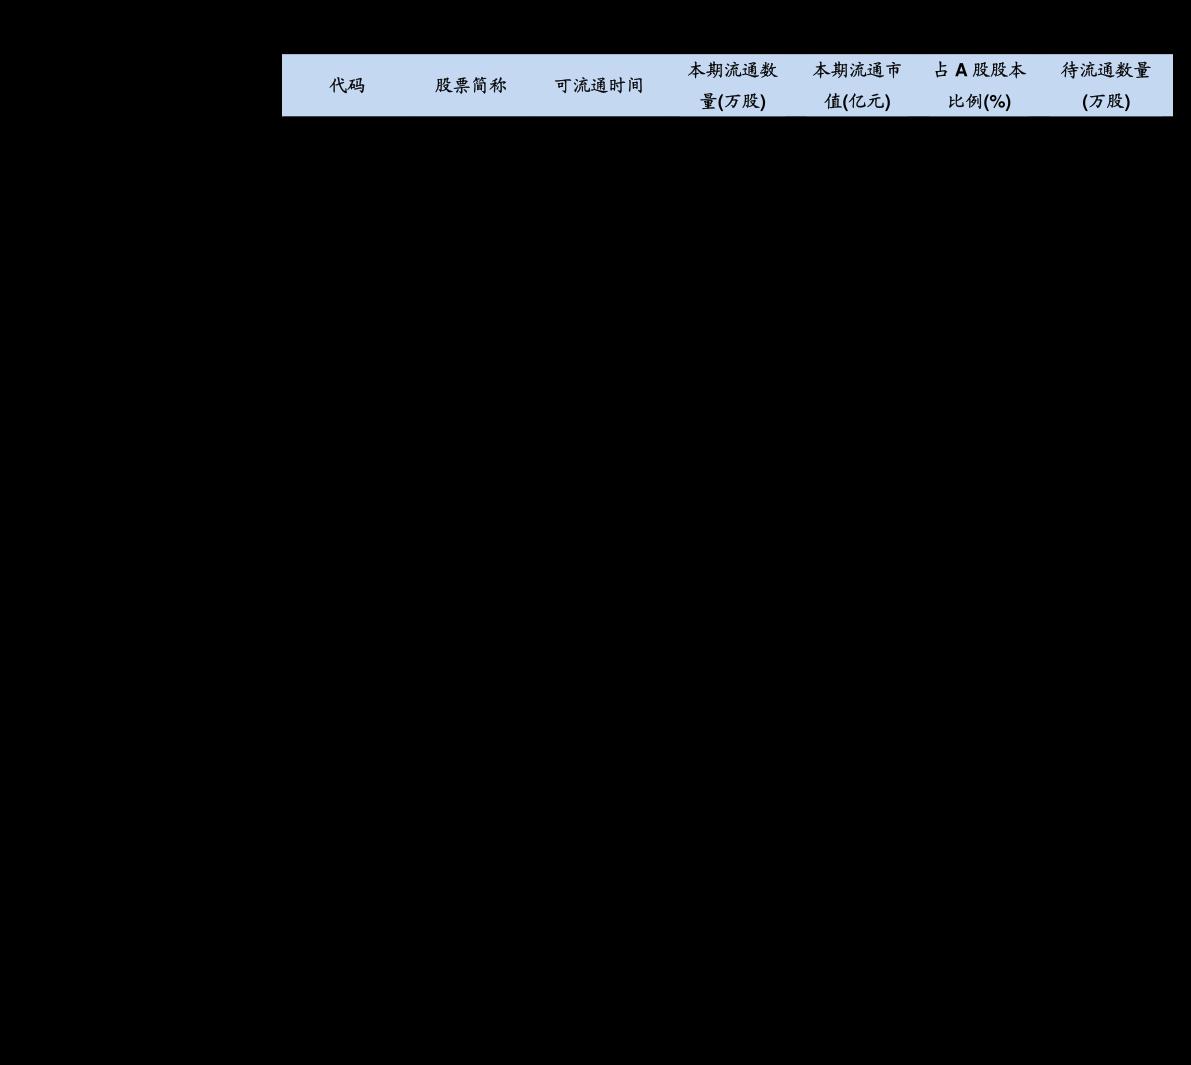 国盛千赢国际app下载-科创板周监控第26期:科创板两融余额回升,交投情绪回暖-201017